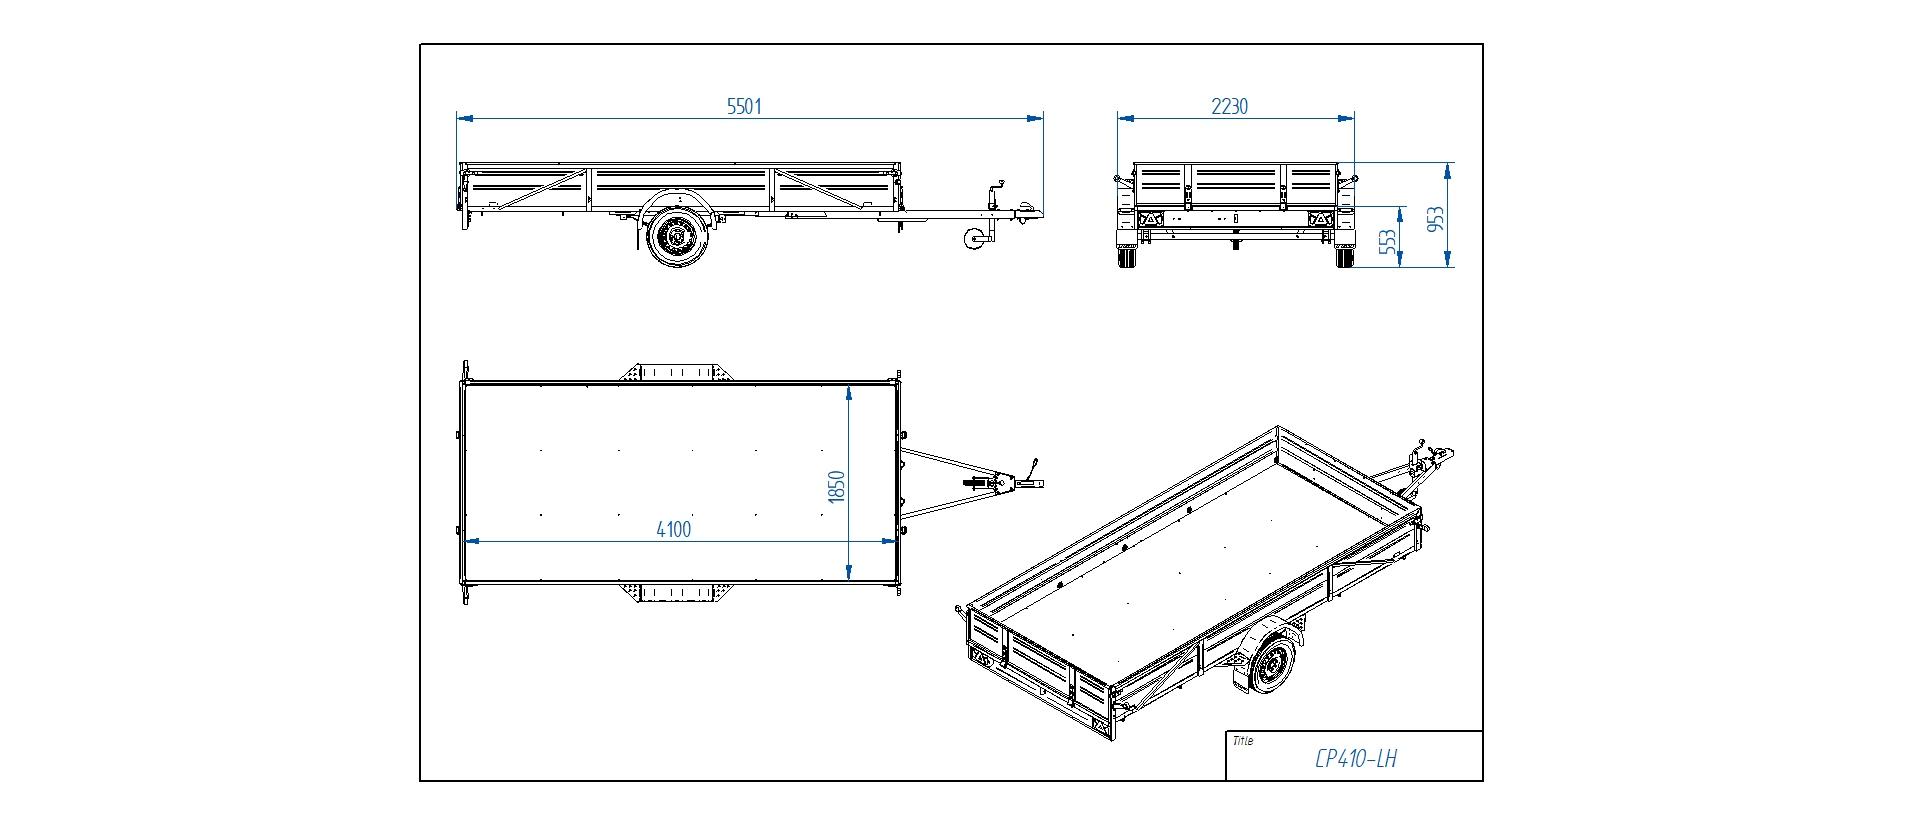 CP410-LH [Priekabų standartinė įranga gali skirtis nuo pavaizduotos komplektacijos paveiksliuke]